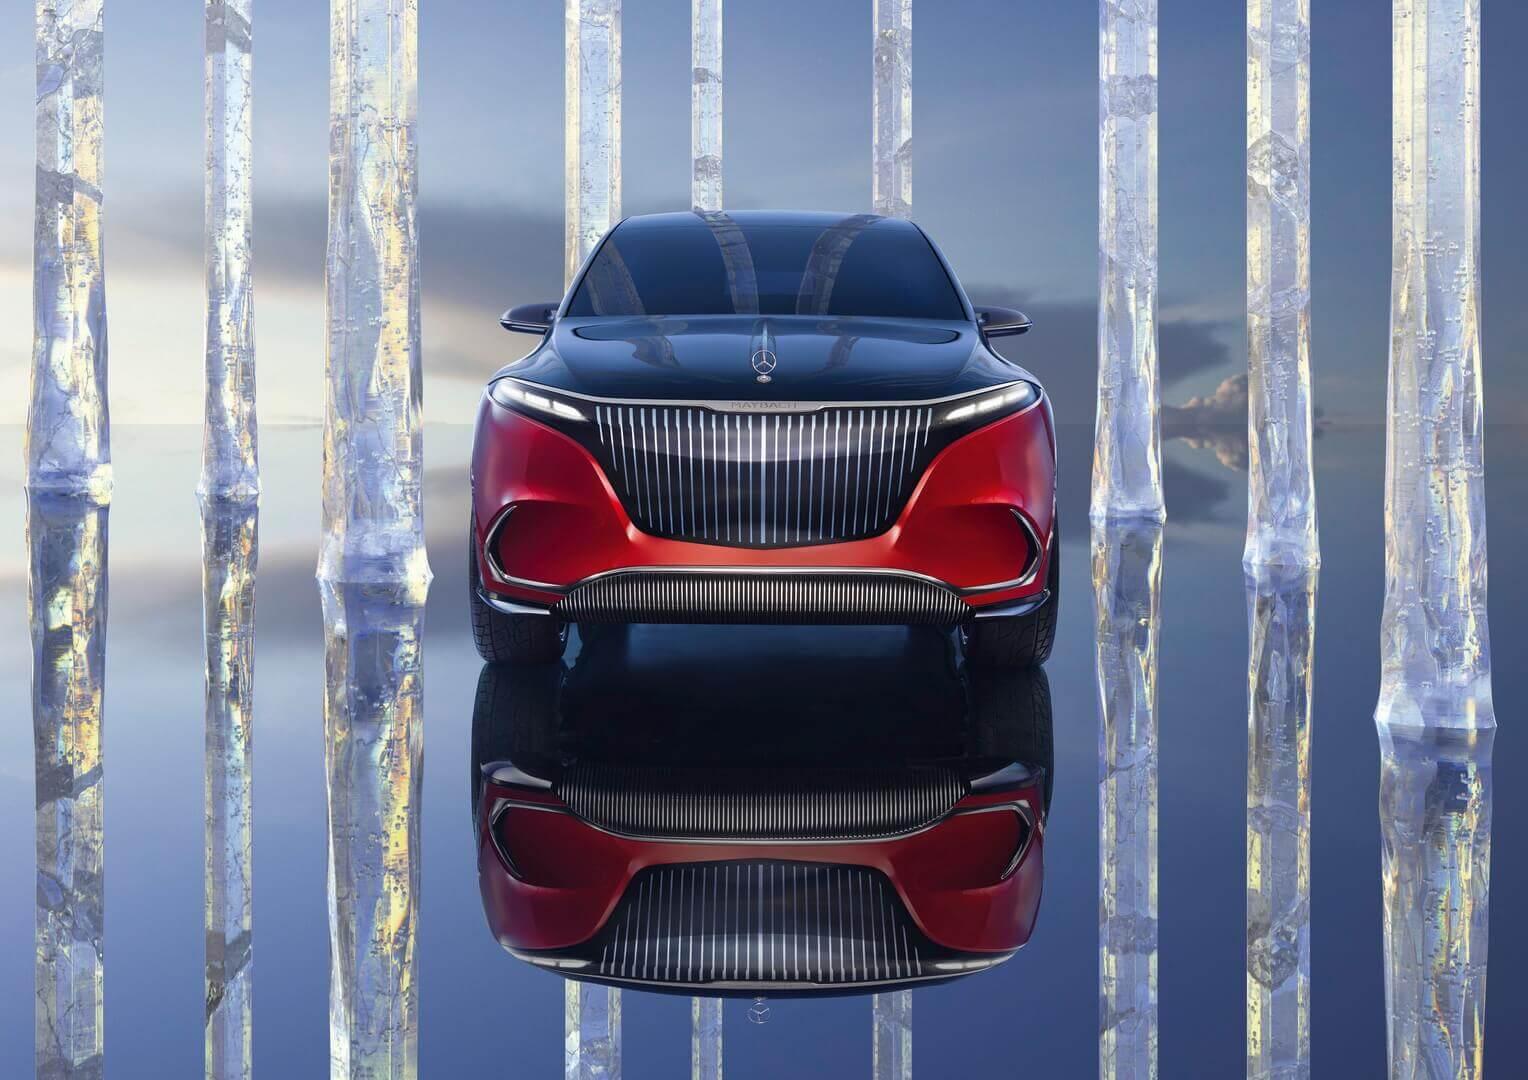 Mercedes-Maybach представил ультра-роскошный электрический внедорожник EQS